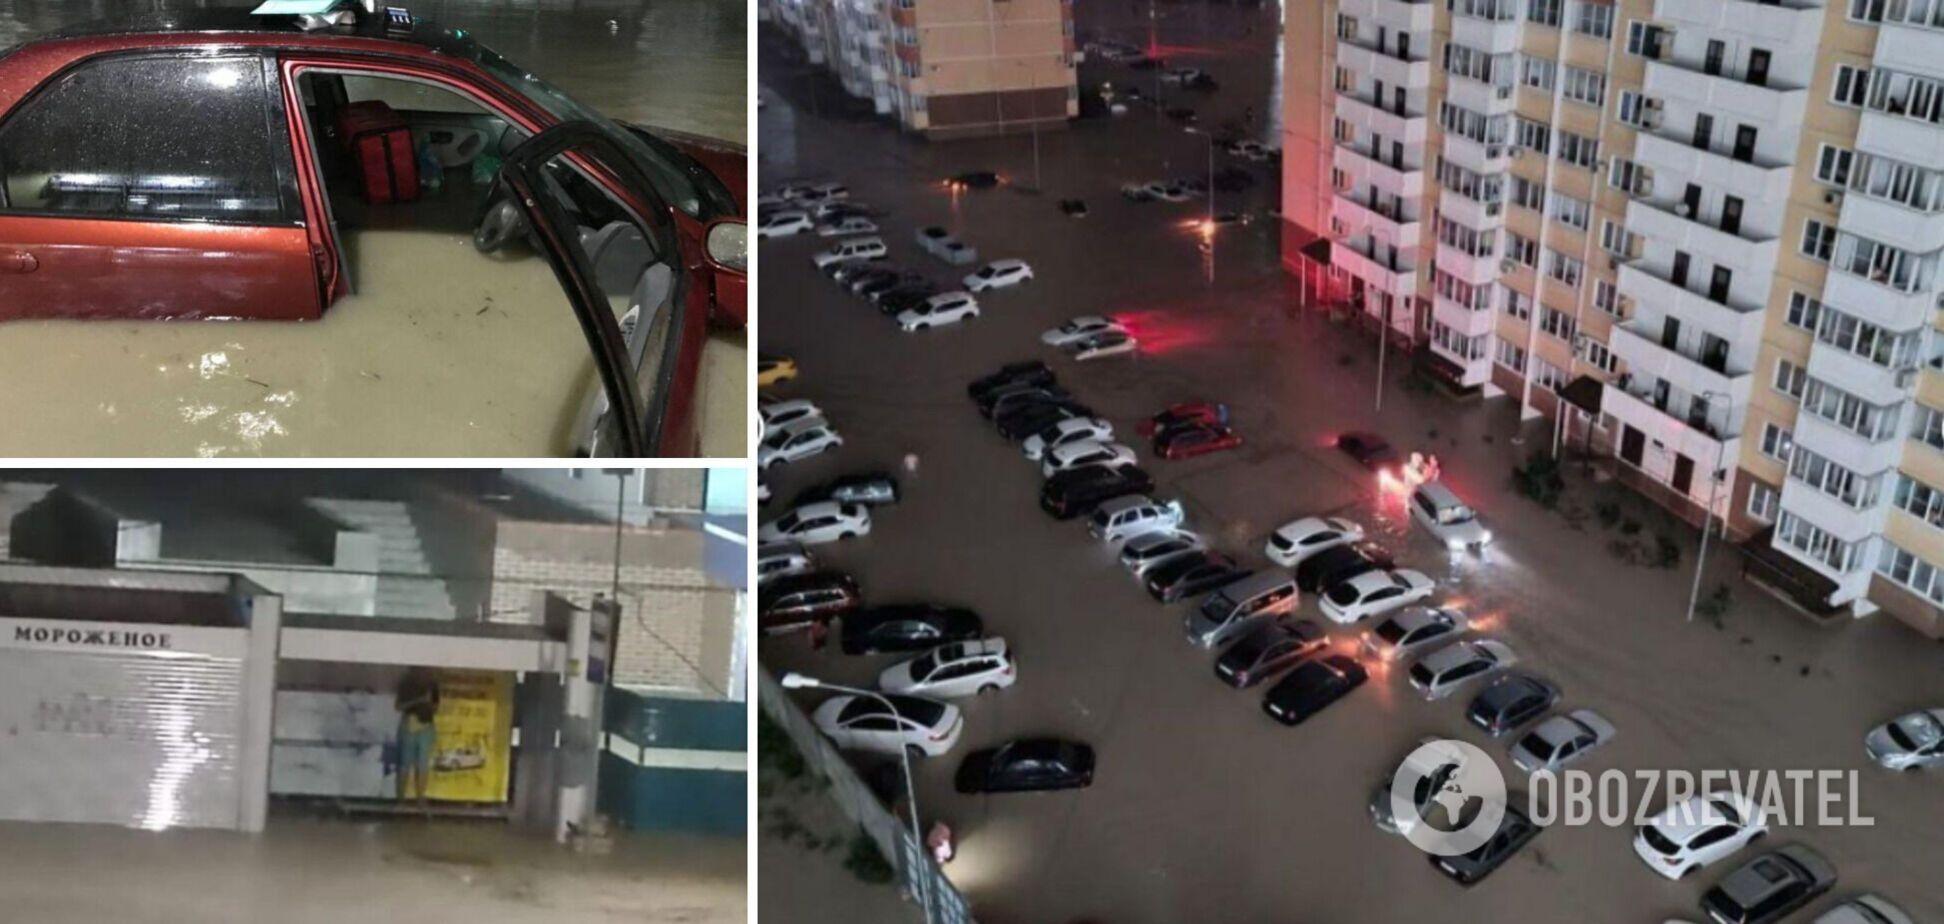 В России из-за мощных ливней затопило город, людей призвали готовиться к эвакуации. Фото и видео